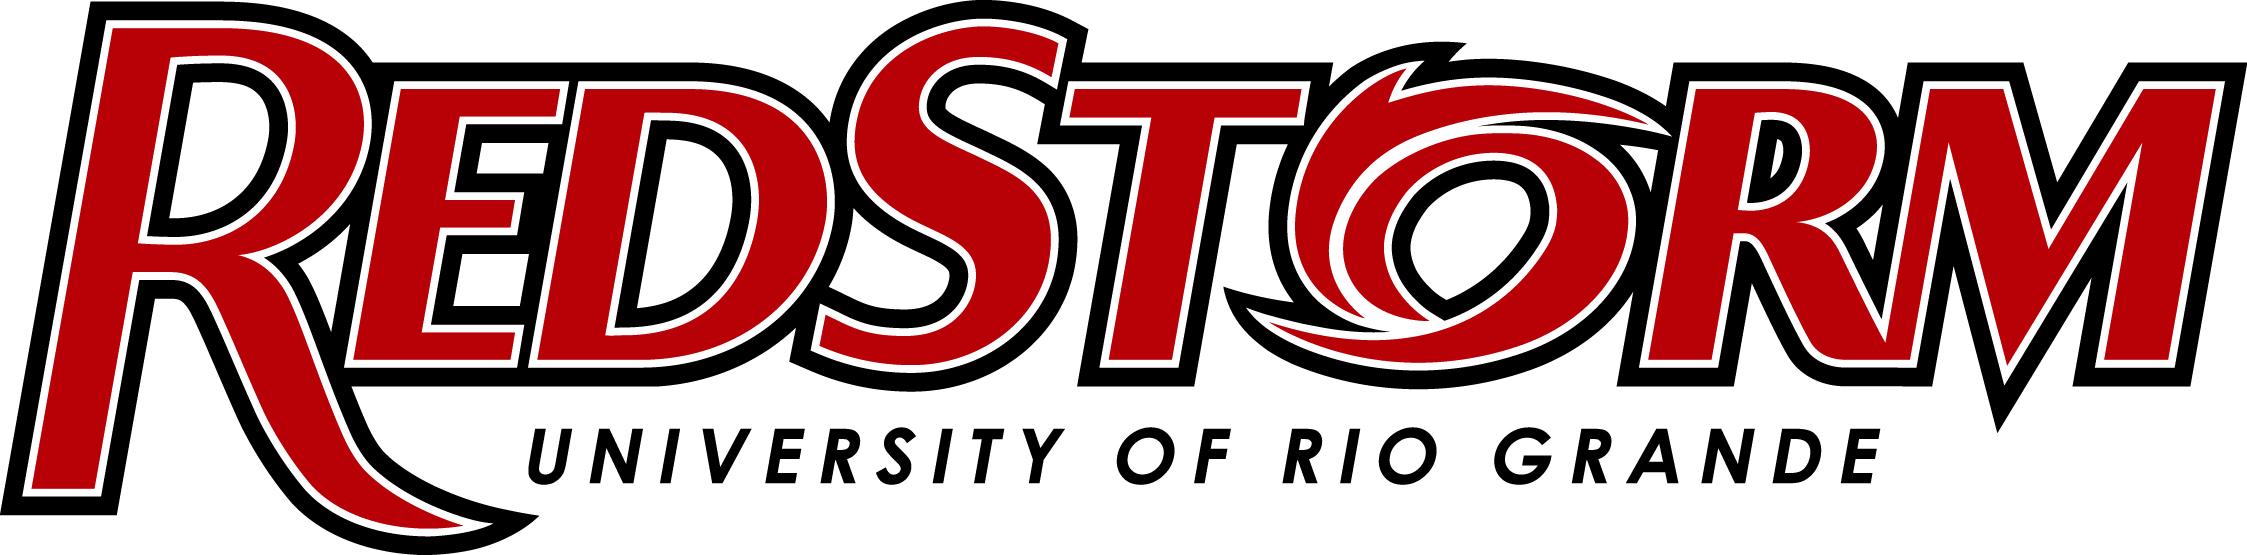 University of Rio Grande - Wikipedia